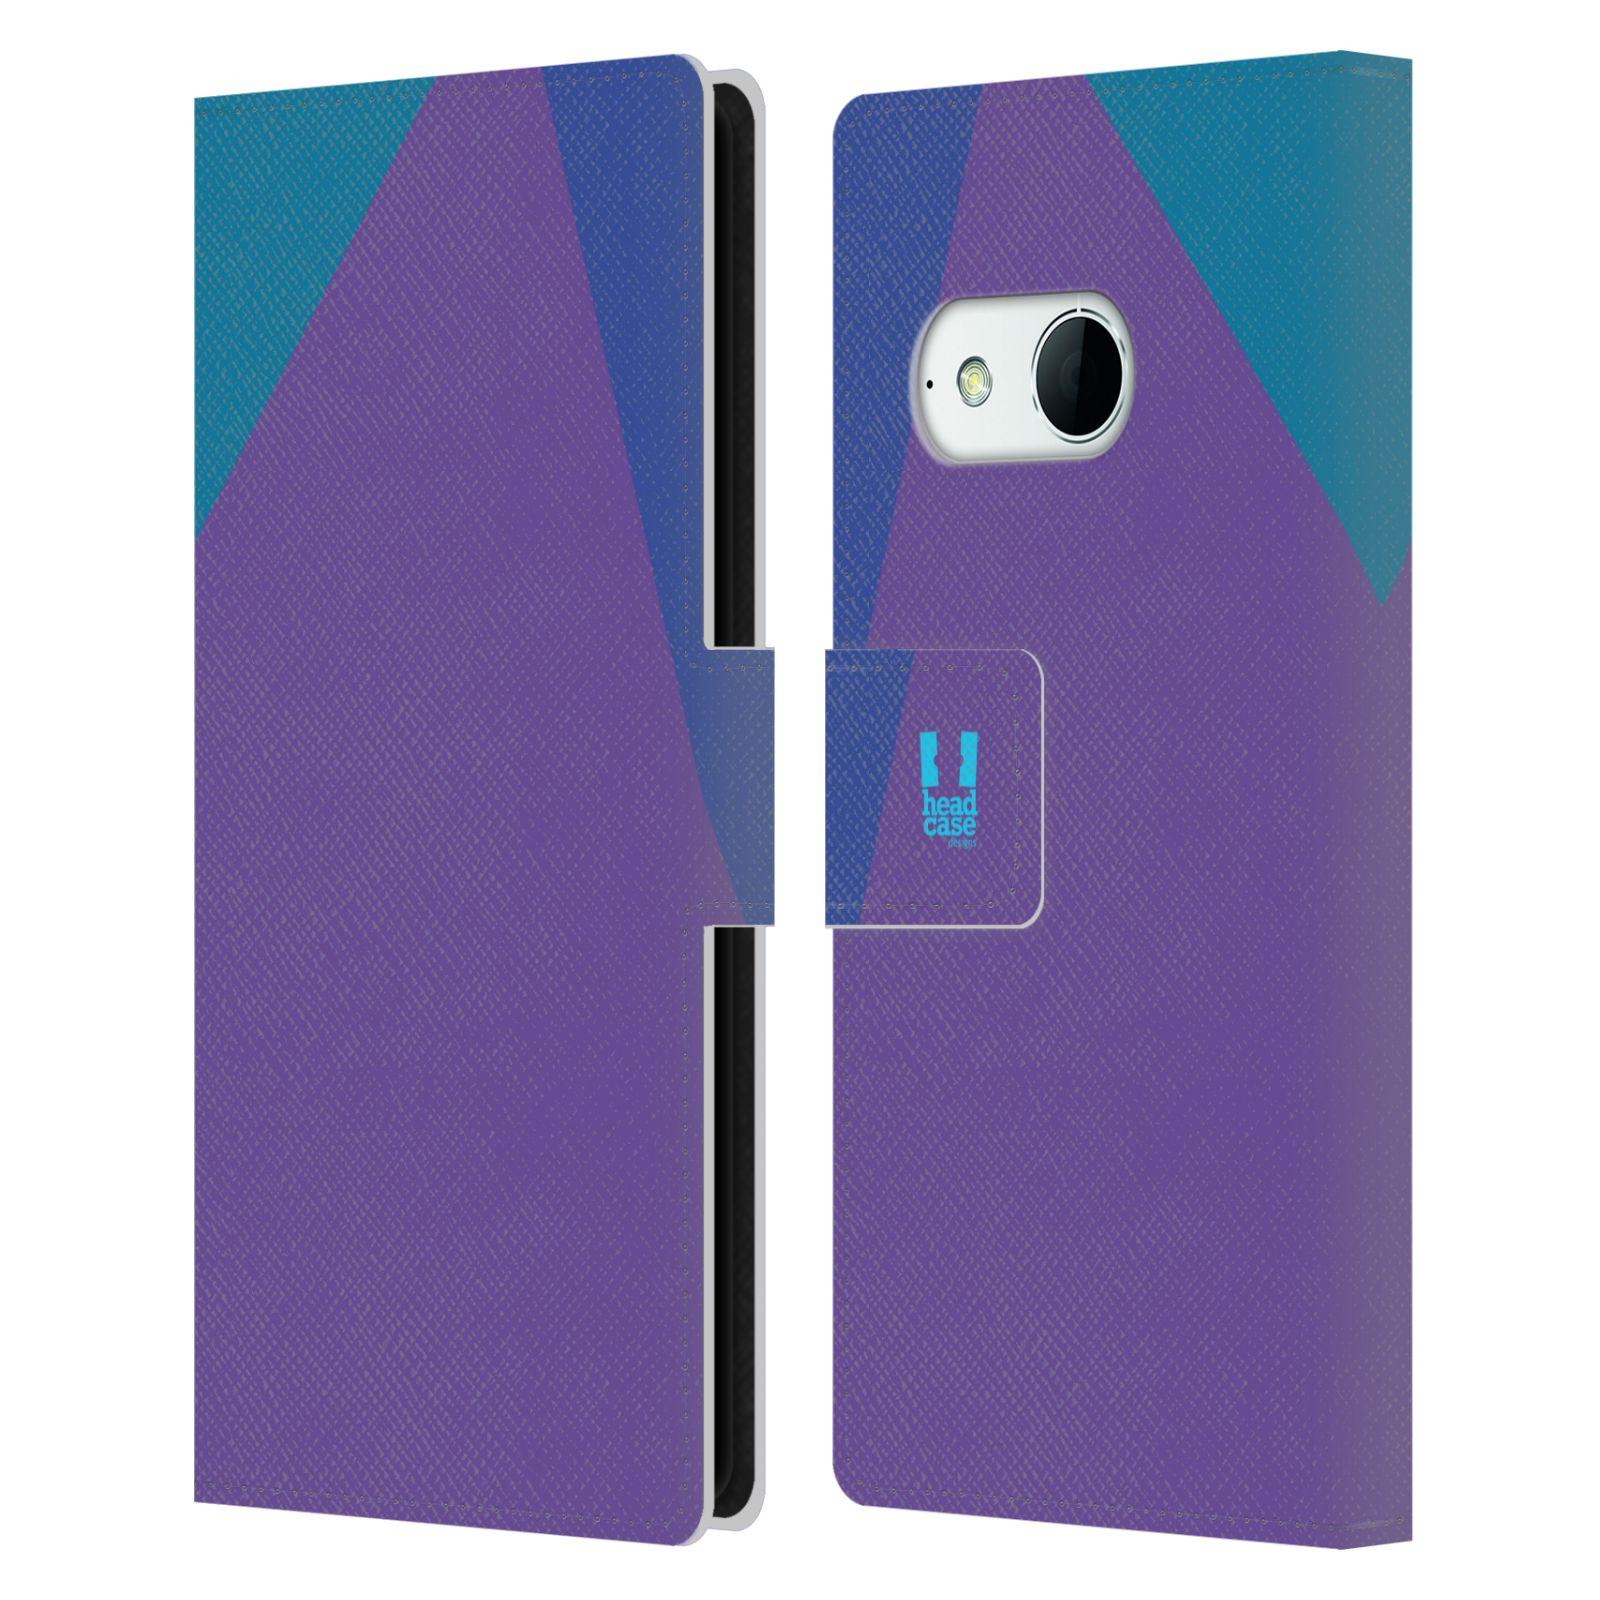 HEAD CASE Flipové pouzdro pro mobil HTC ONE MINI 2 barevné tvary fialová feminine